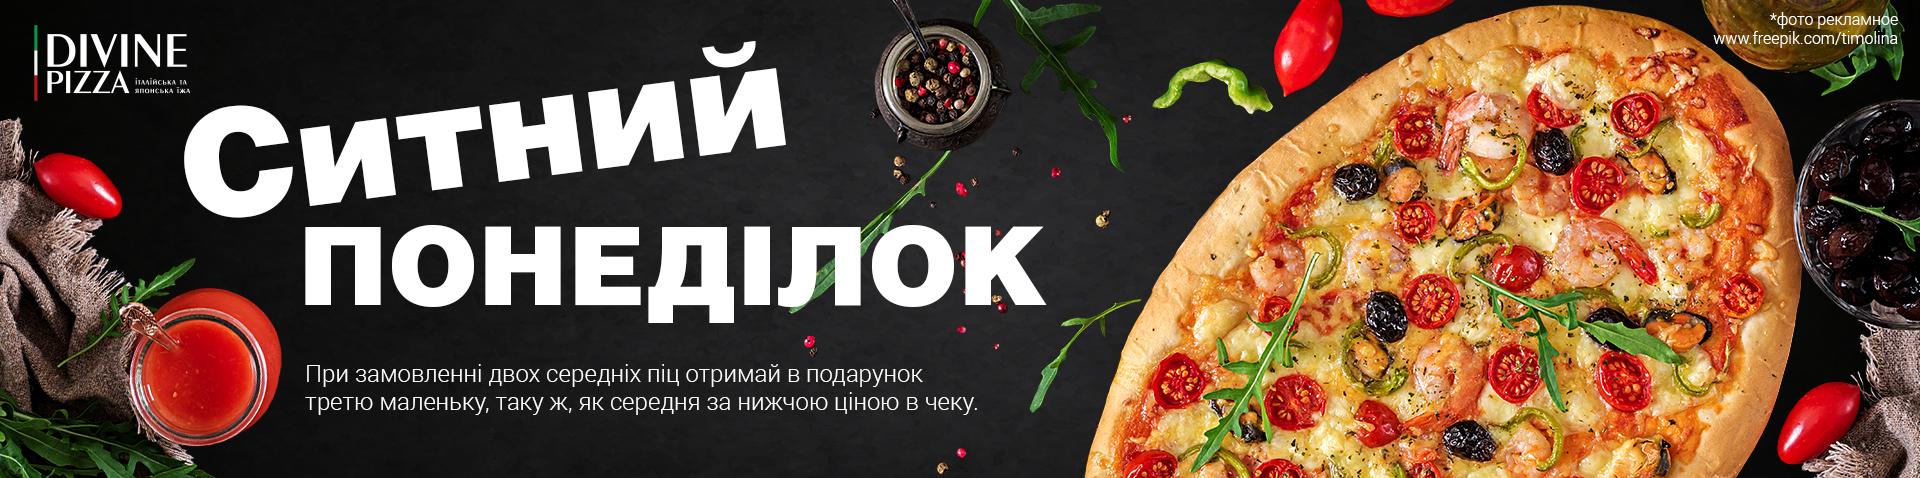 Акция пицца понедельник Ирпень